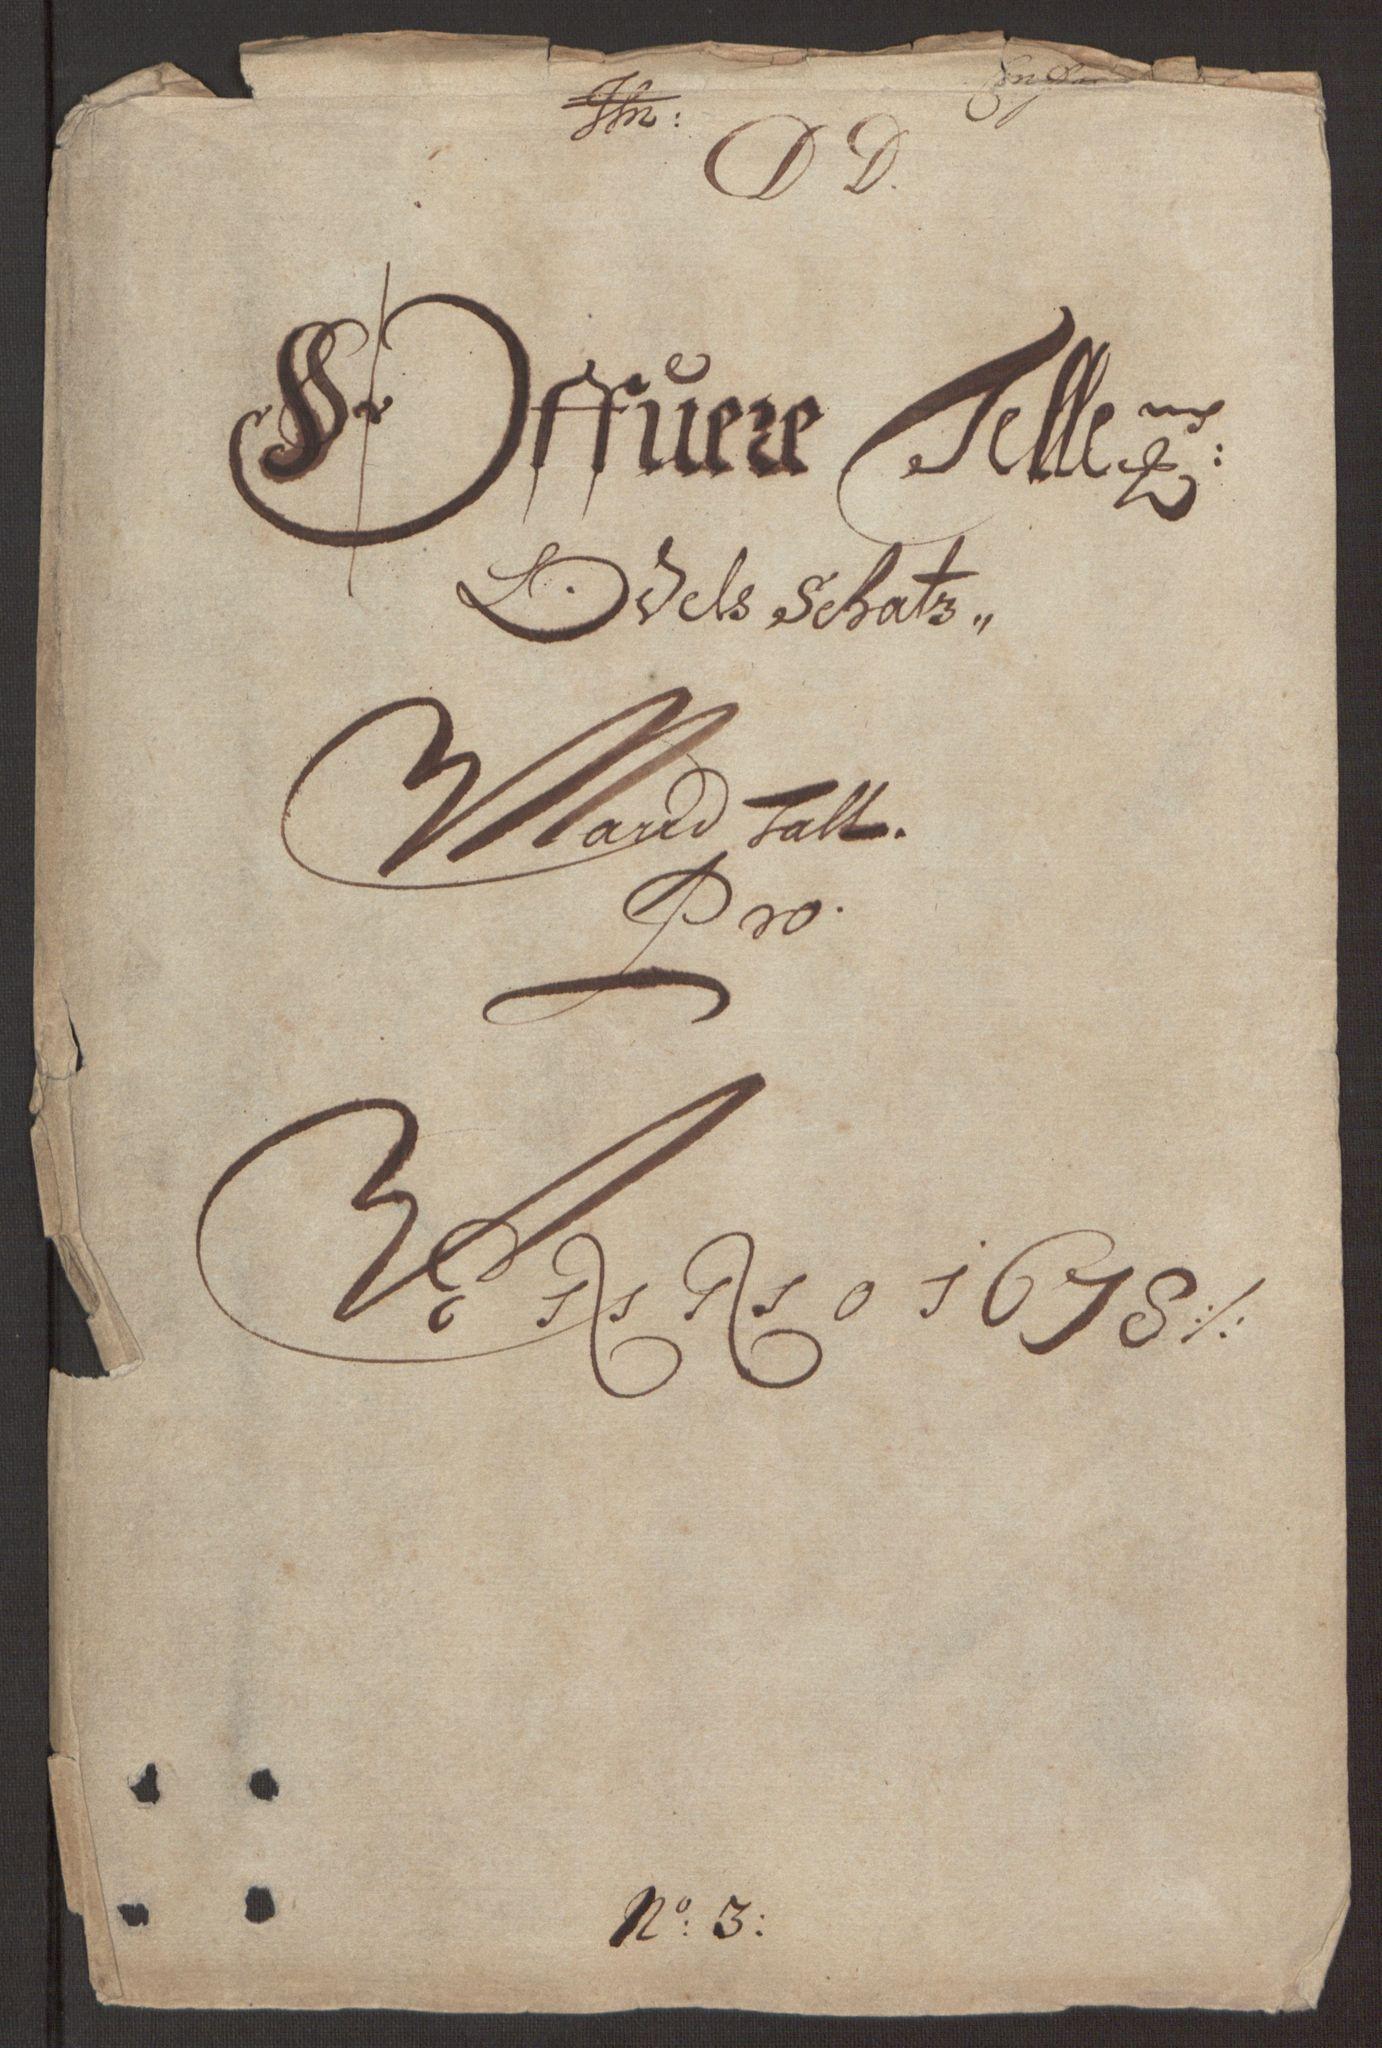 RA, Rentekammeret inntil 1814, Reviderte regnskaper, Fogderegnskap, R35/L2070: Fogderegnskap Øvre og Nedre Telemark, 1678, s. 125